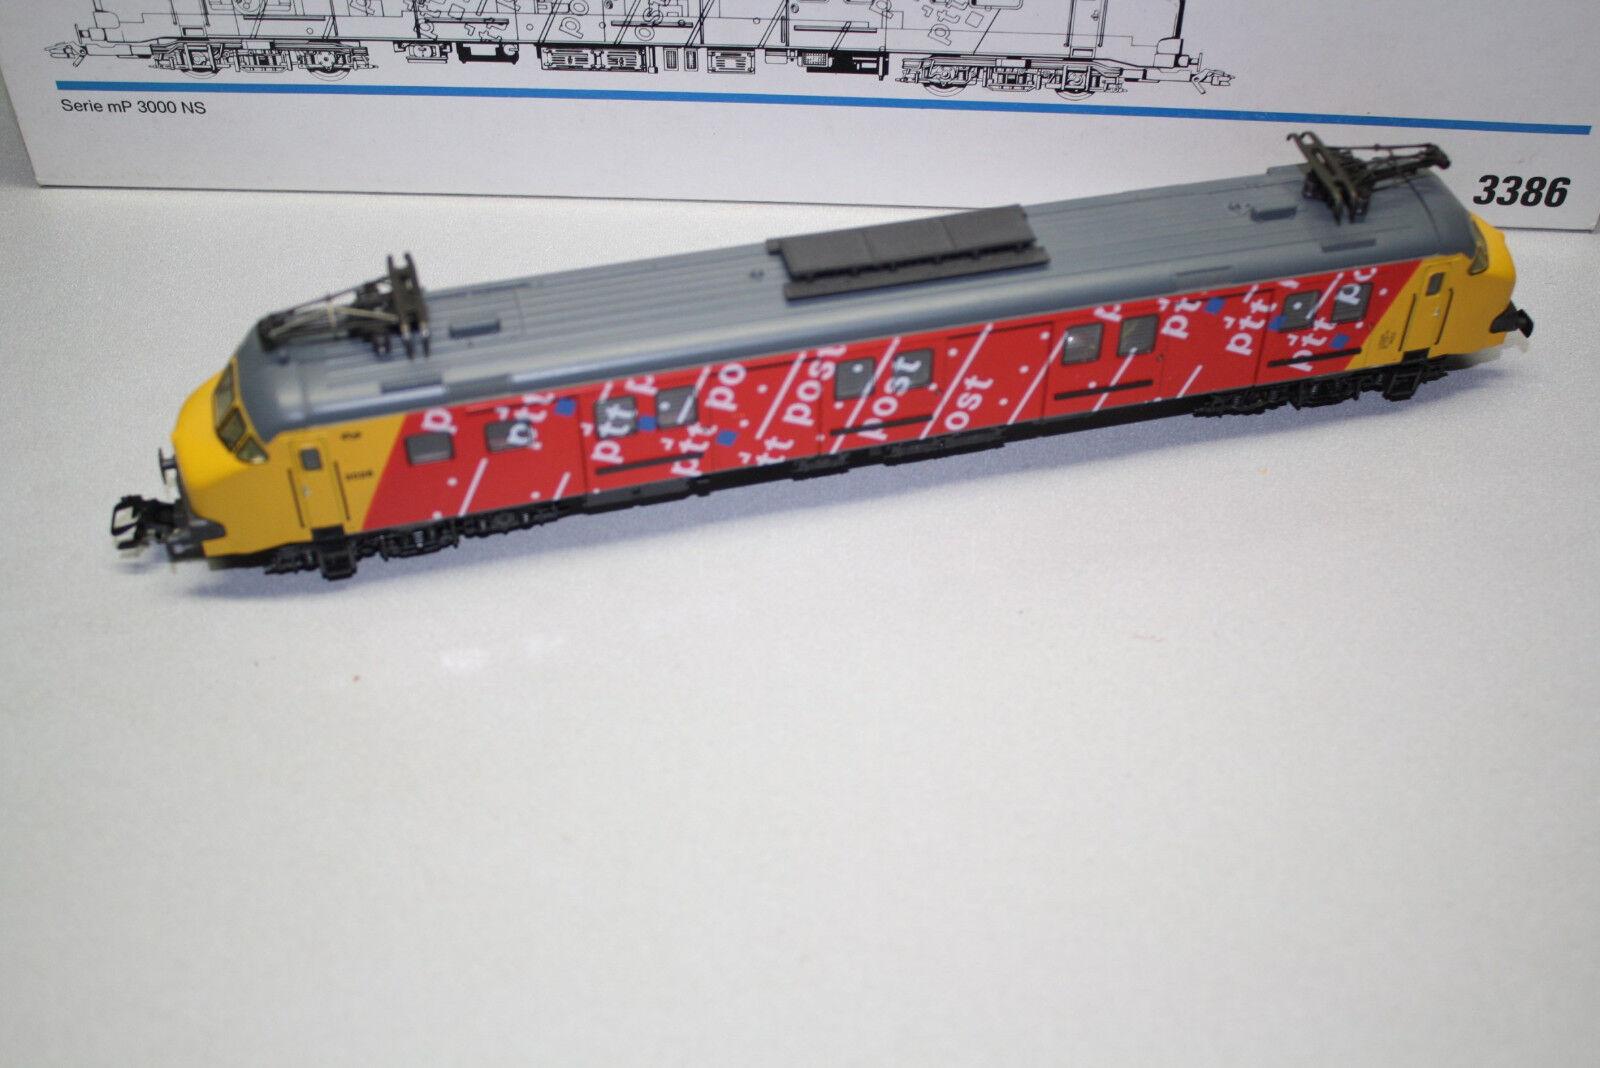 Märklin 3386 elok serie MP 3000 NS traccia h0 OVP